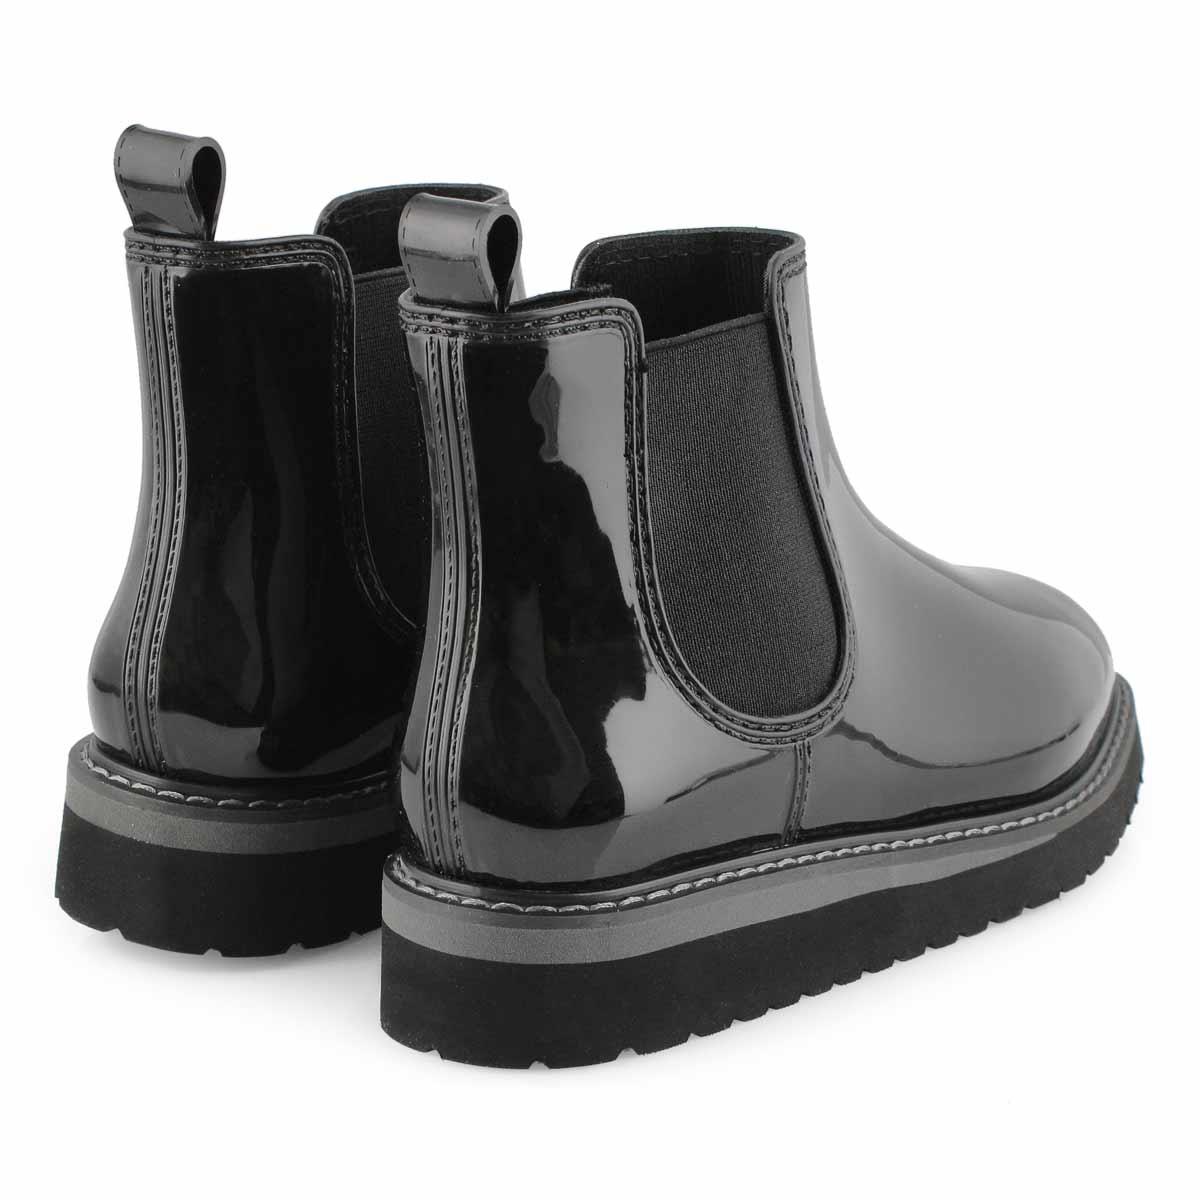 Women's KENSINGTON bk/cha waterproof chelsea boots